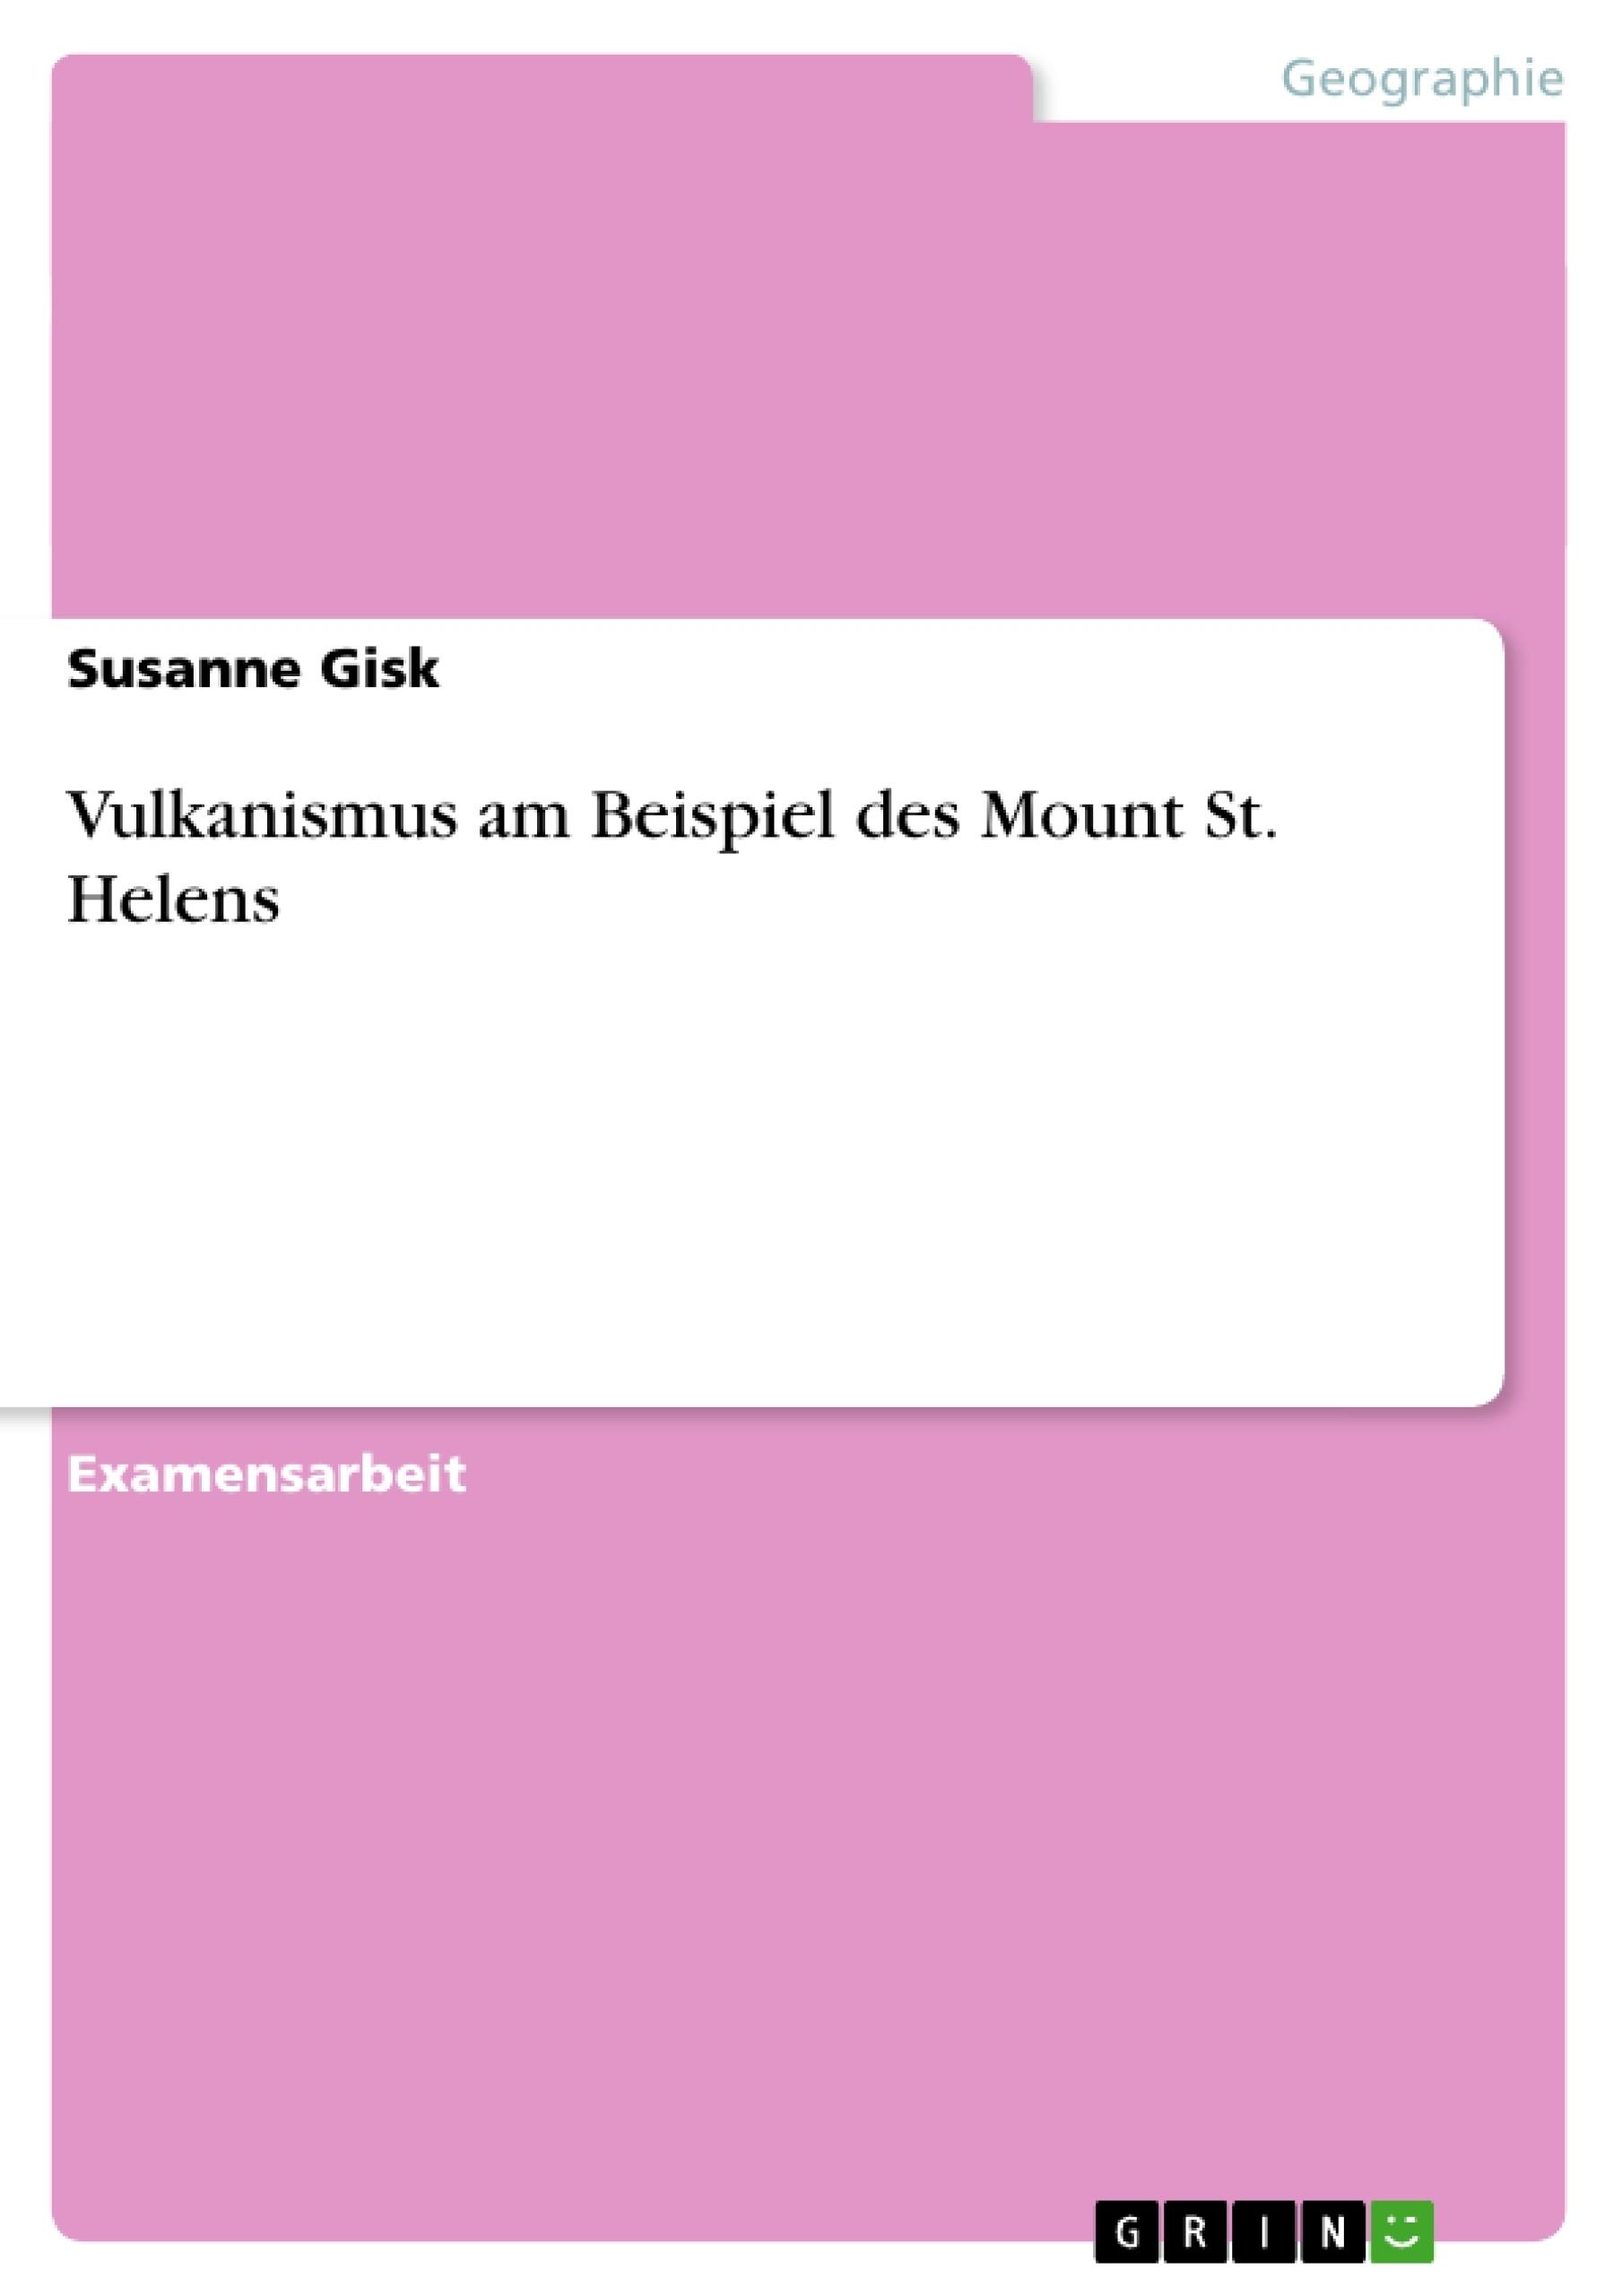 Titel: Vulkanismus am Beispiel des Mount St. Helens